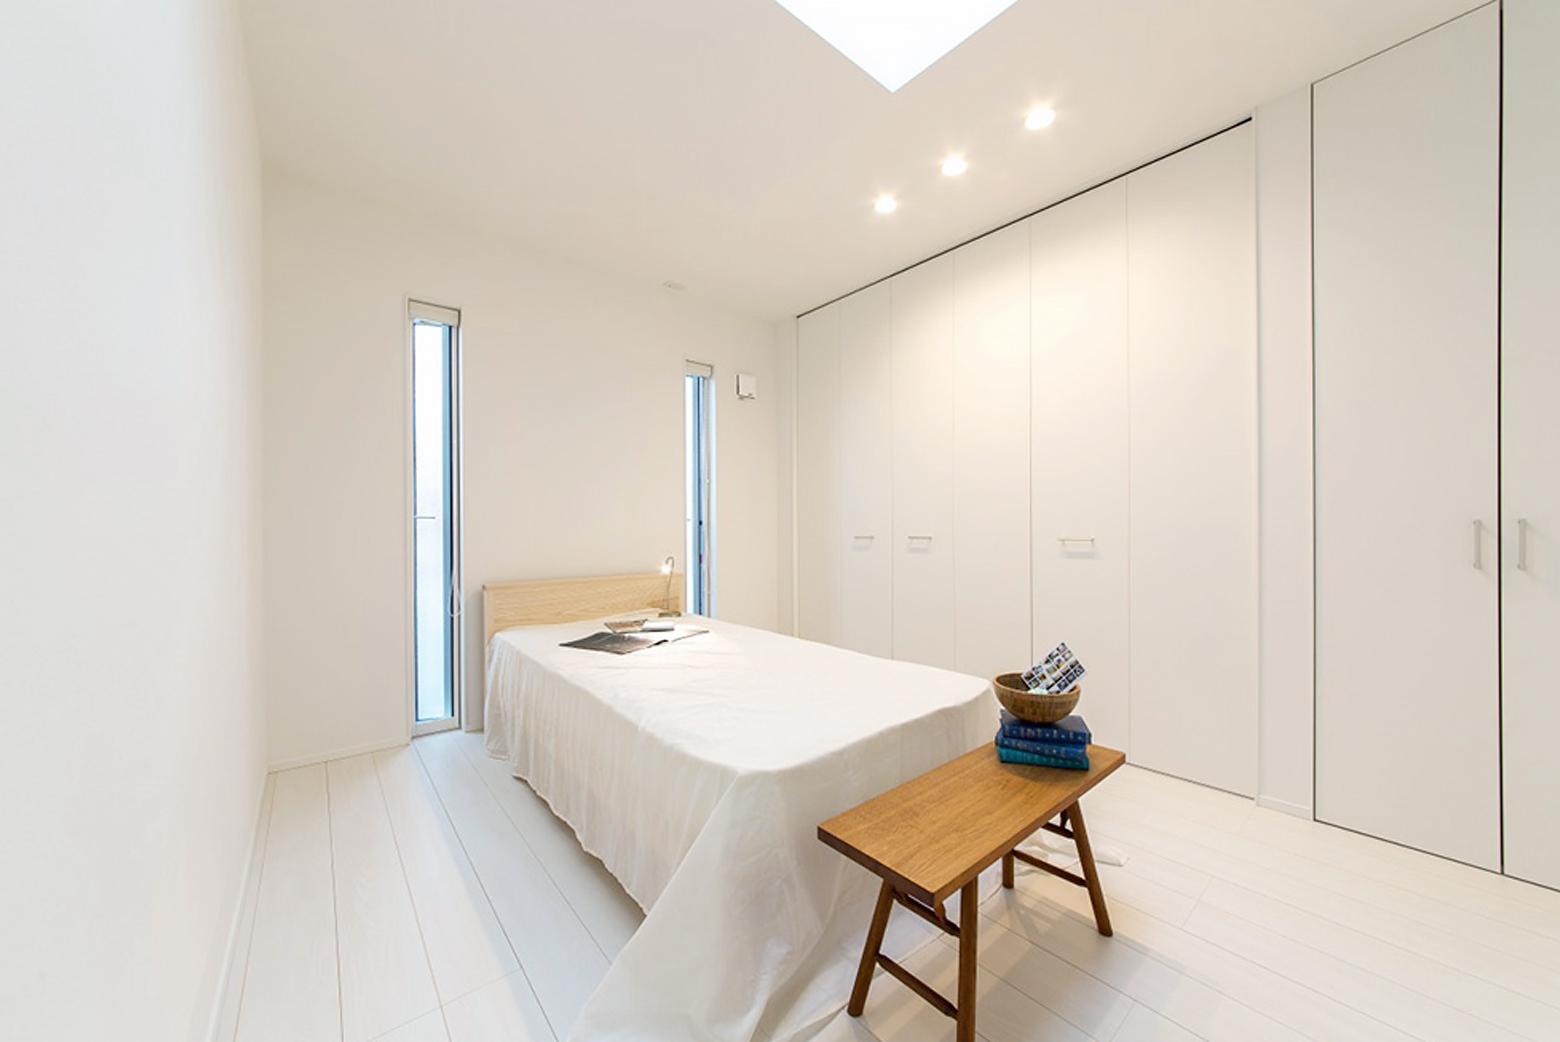 建築実績、性能を追求する住宅メーカー